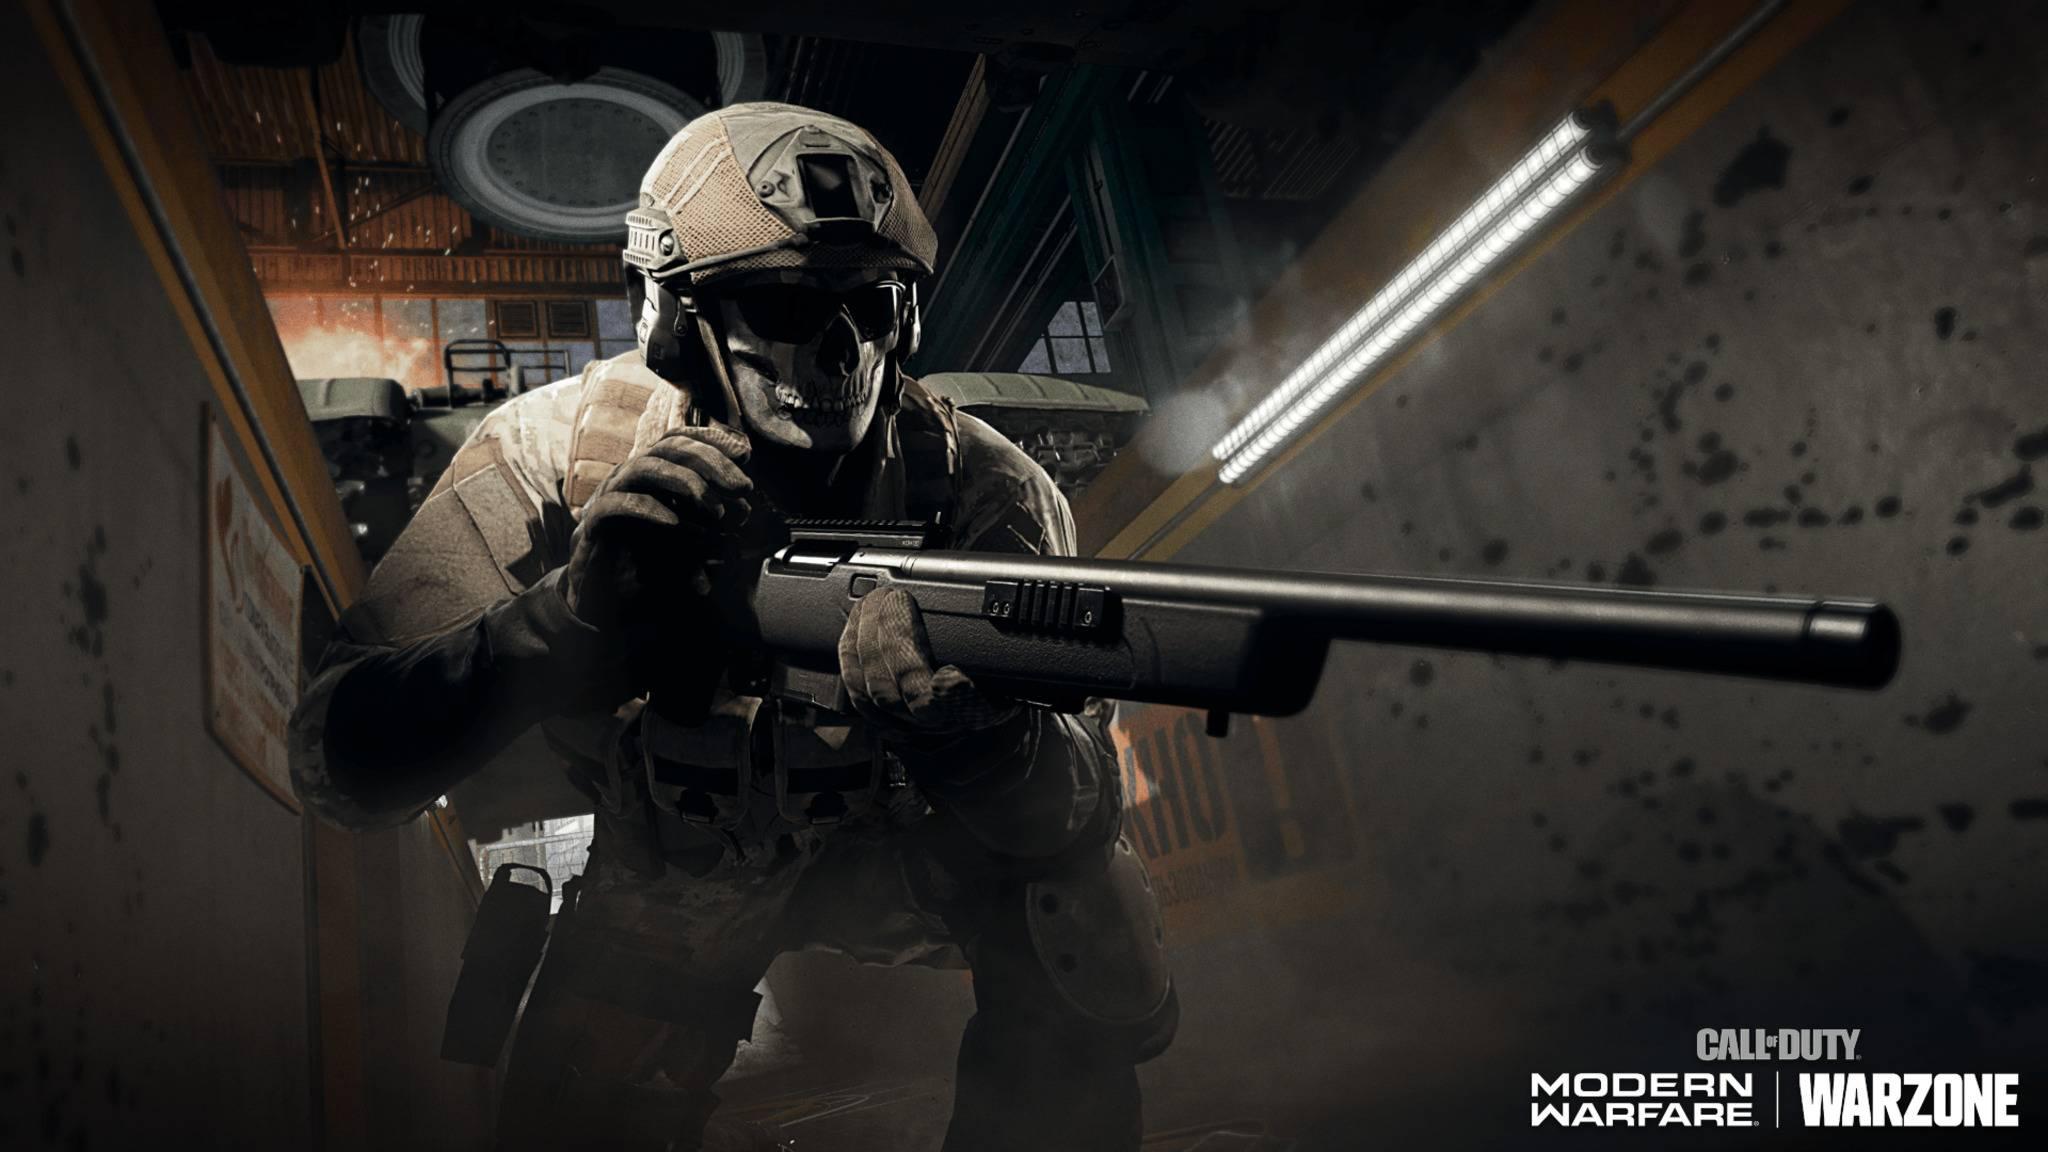 call-of-duty-modern-warfare-spr-208